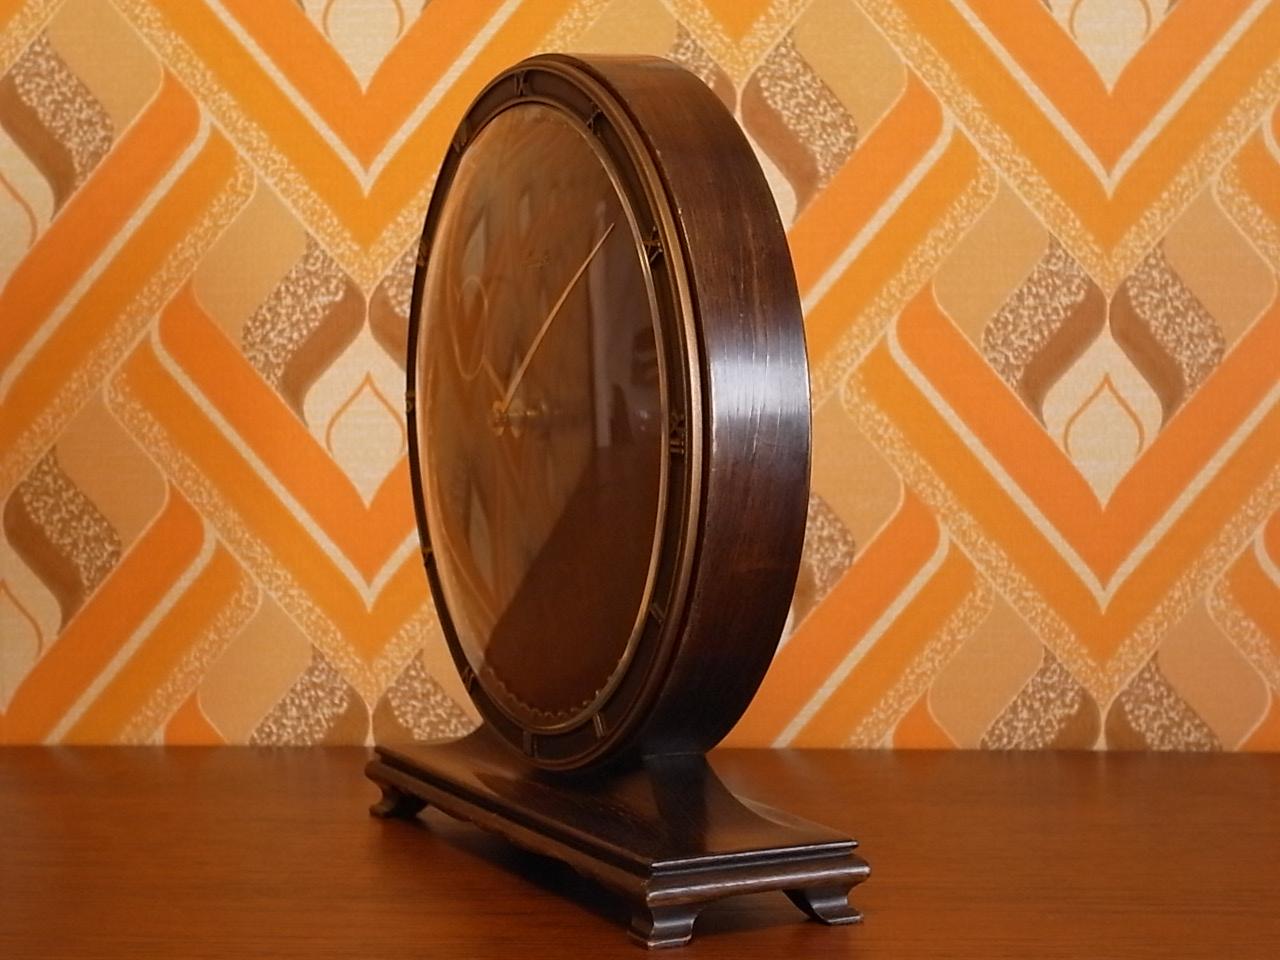 キンツレ アールデコ 木製クロック 1930年代の写真3枚目